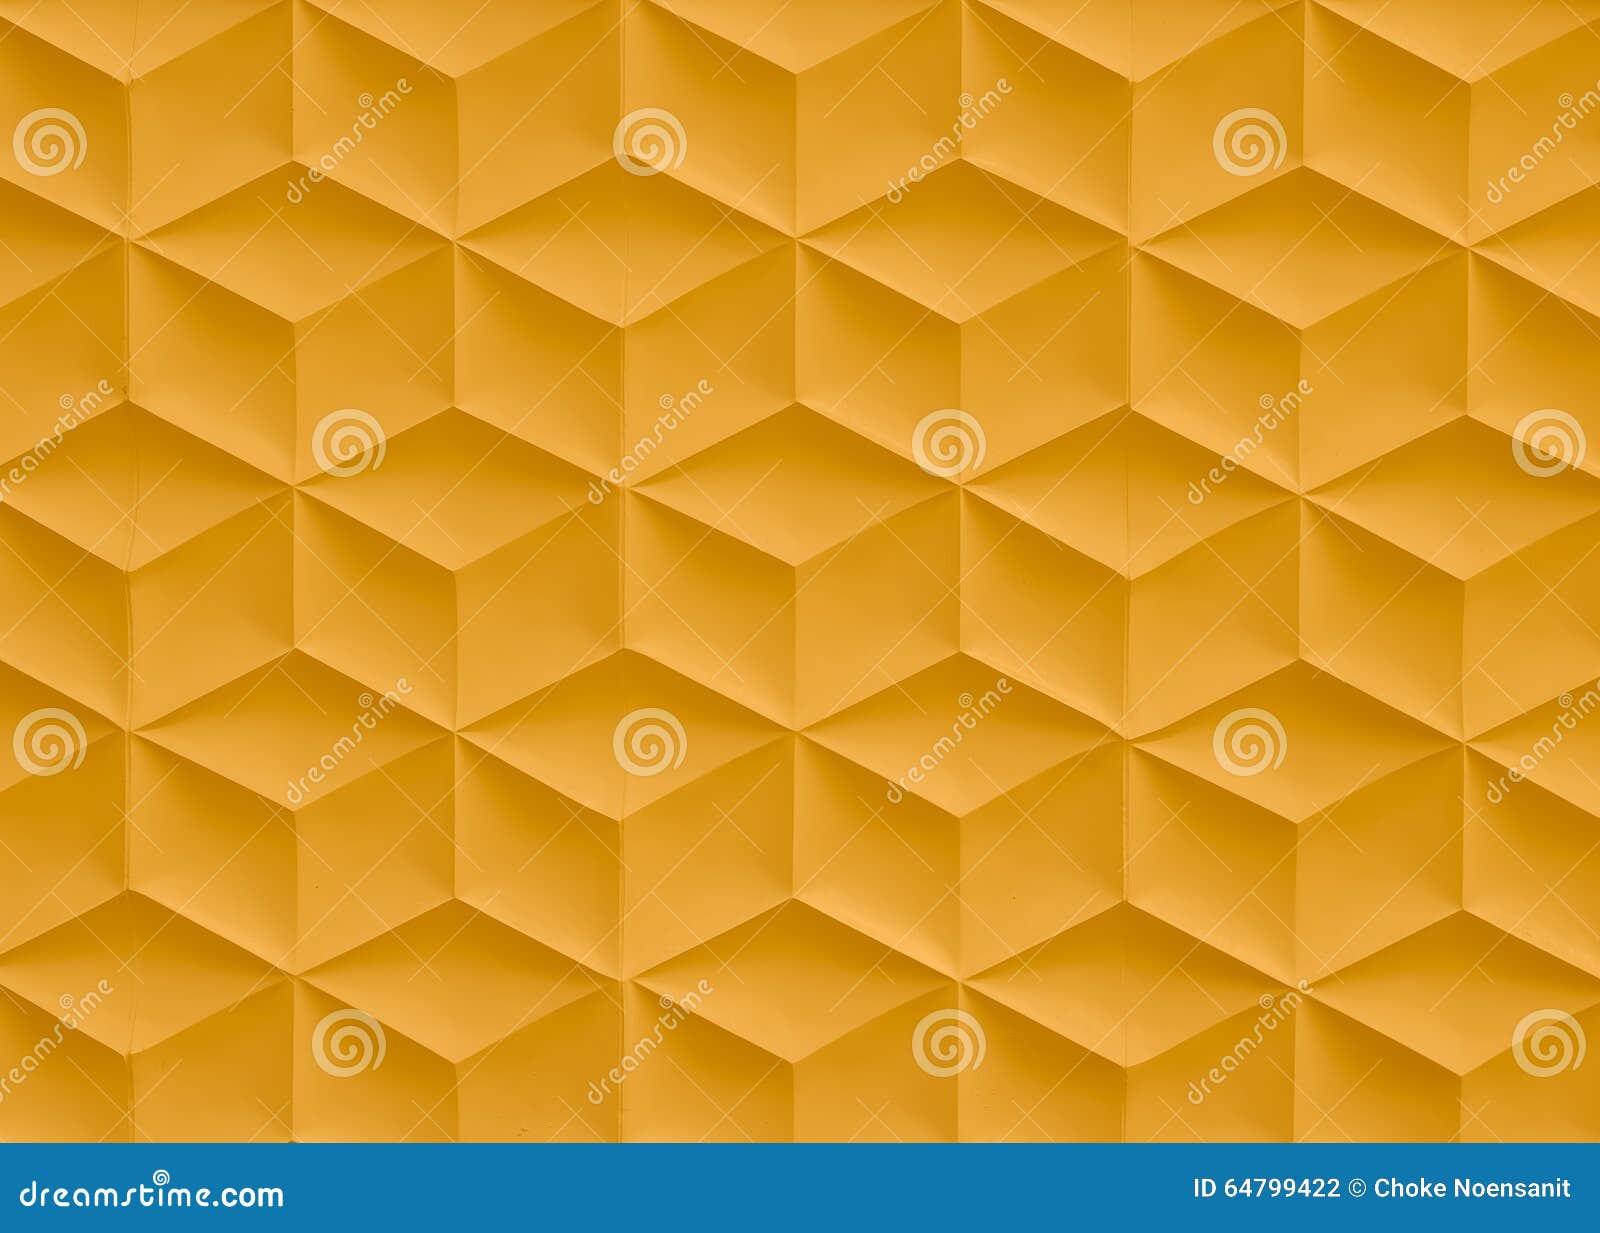 das muster der wand fr hintergrund - Muster Fur Wand